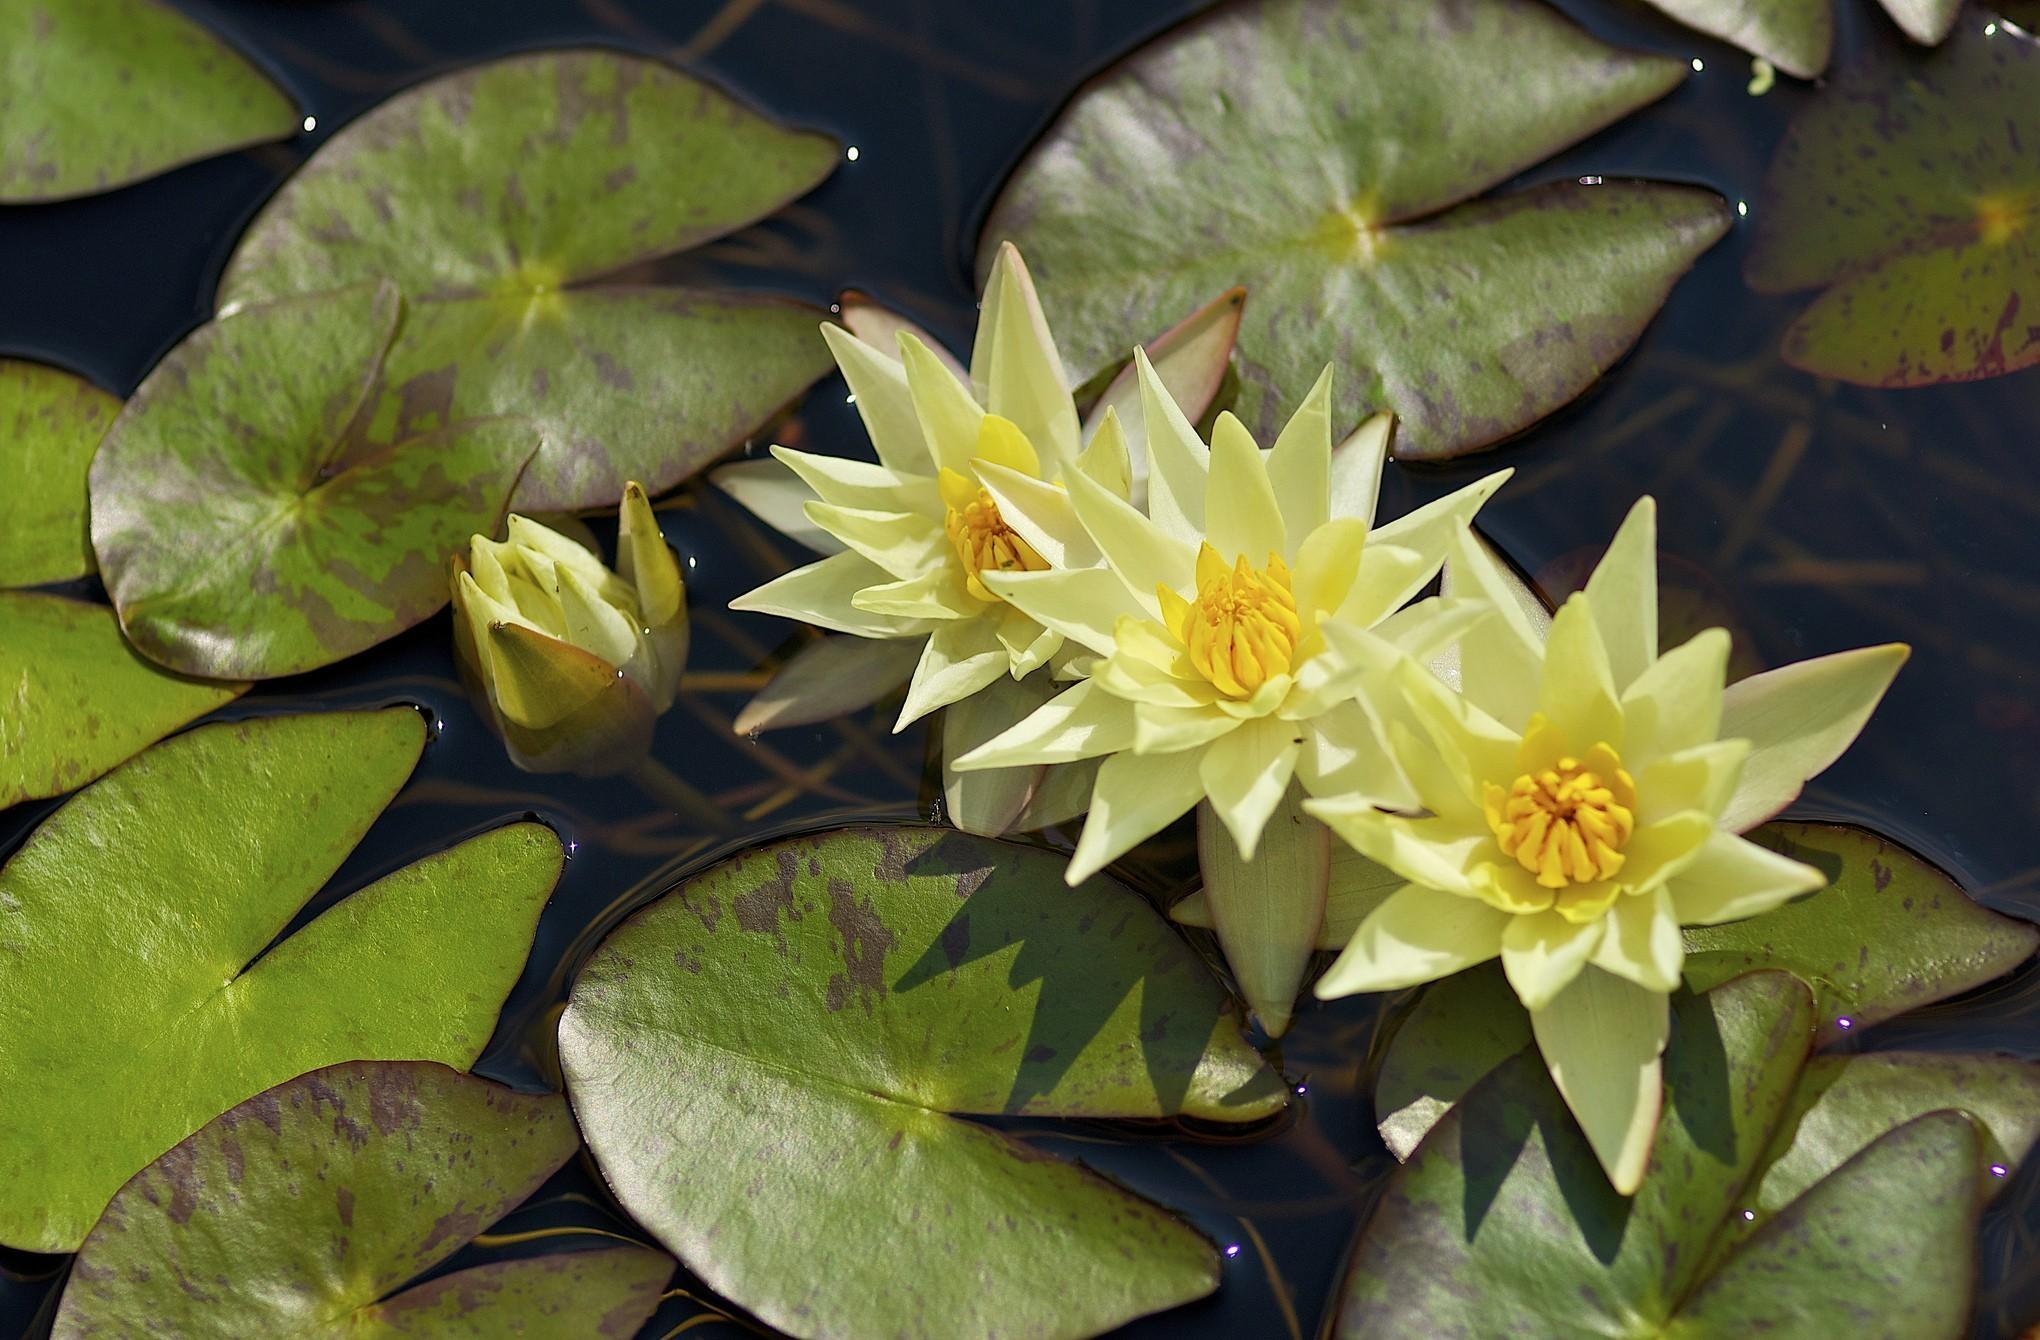 135051 скачать обои Цветы, Кувшинки, Три, Распущенные, Вода, Листья - заставки и картинки бесплатно